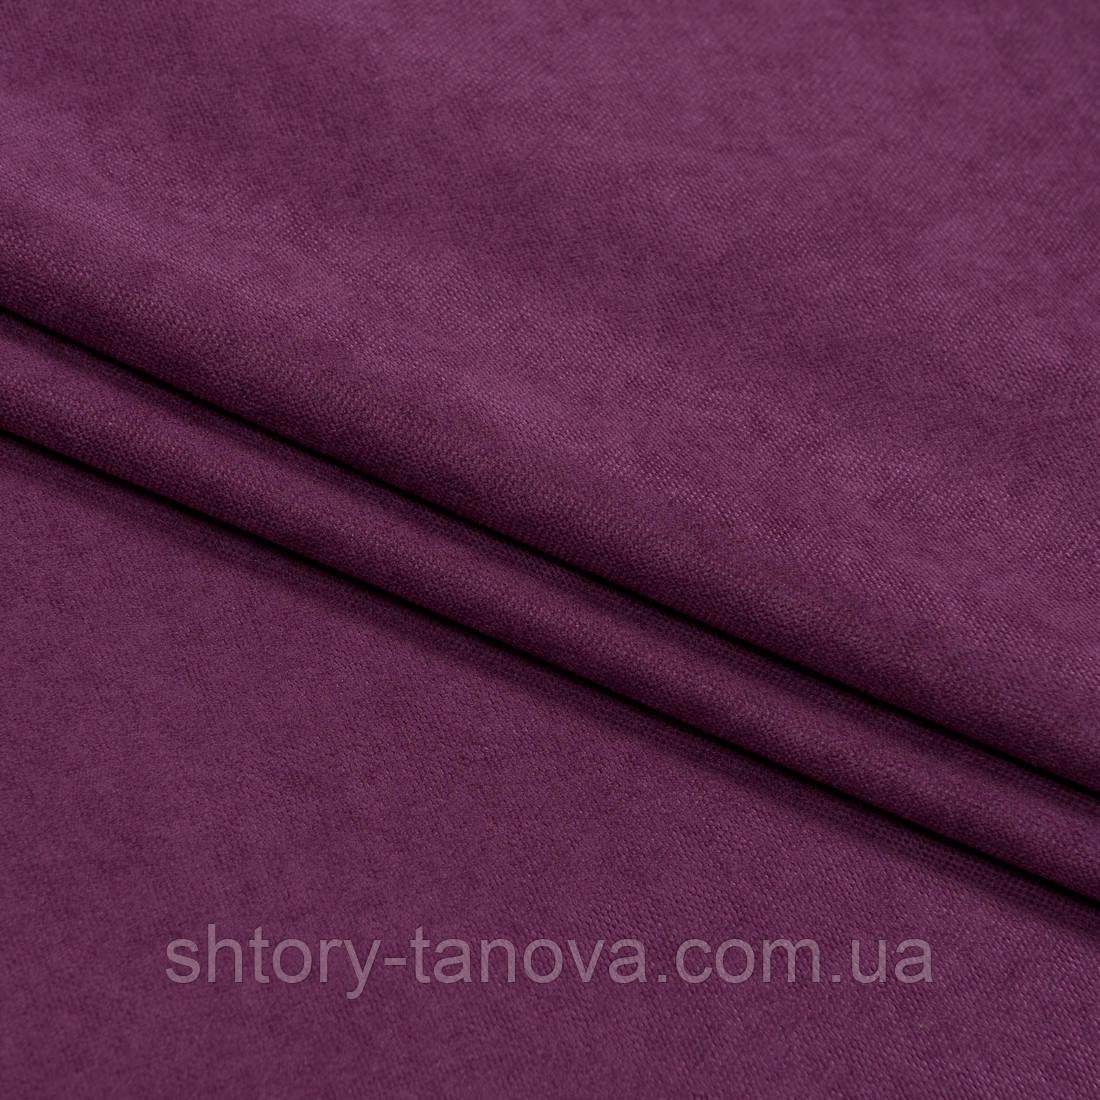 Нубук ткань для штор фуксия